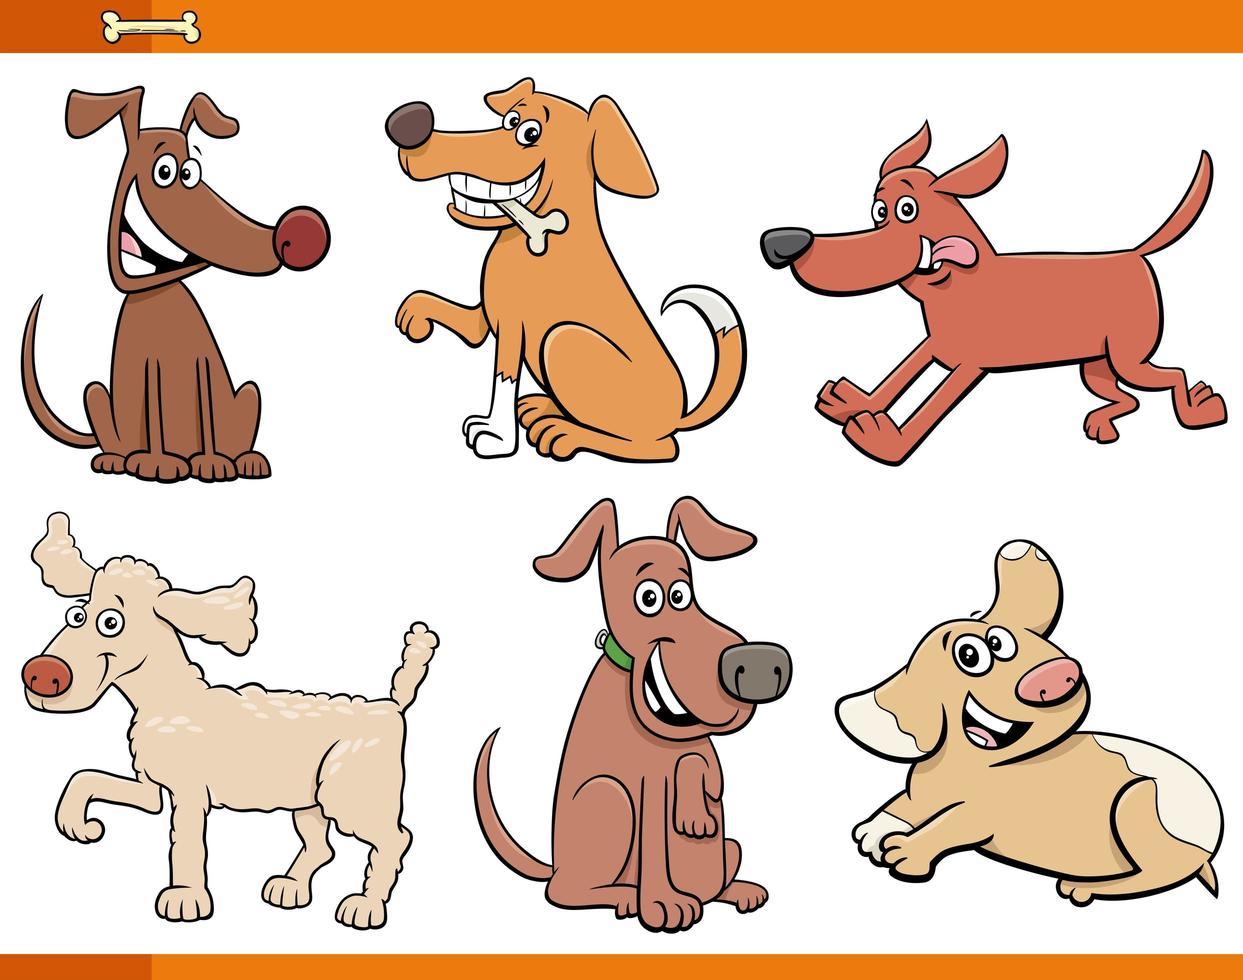 hundar och valpar seriefigurer vektor